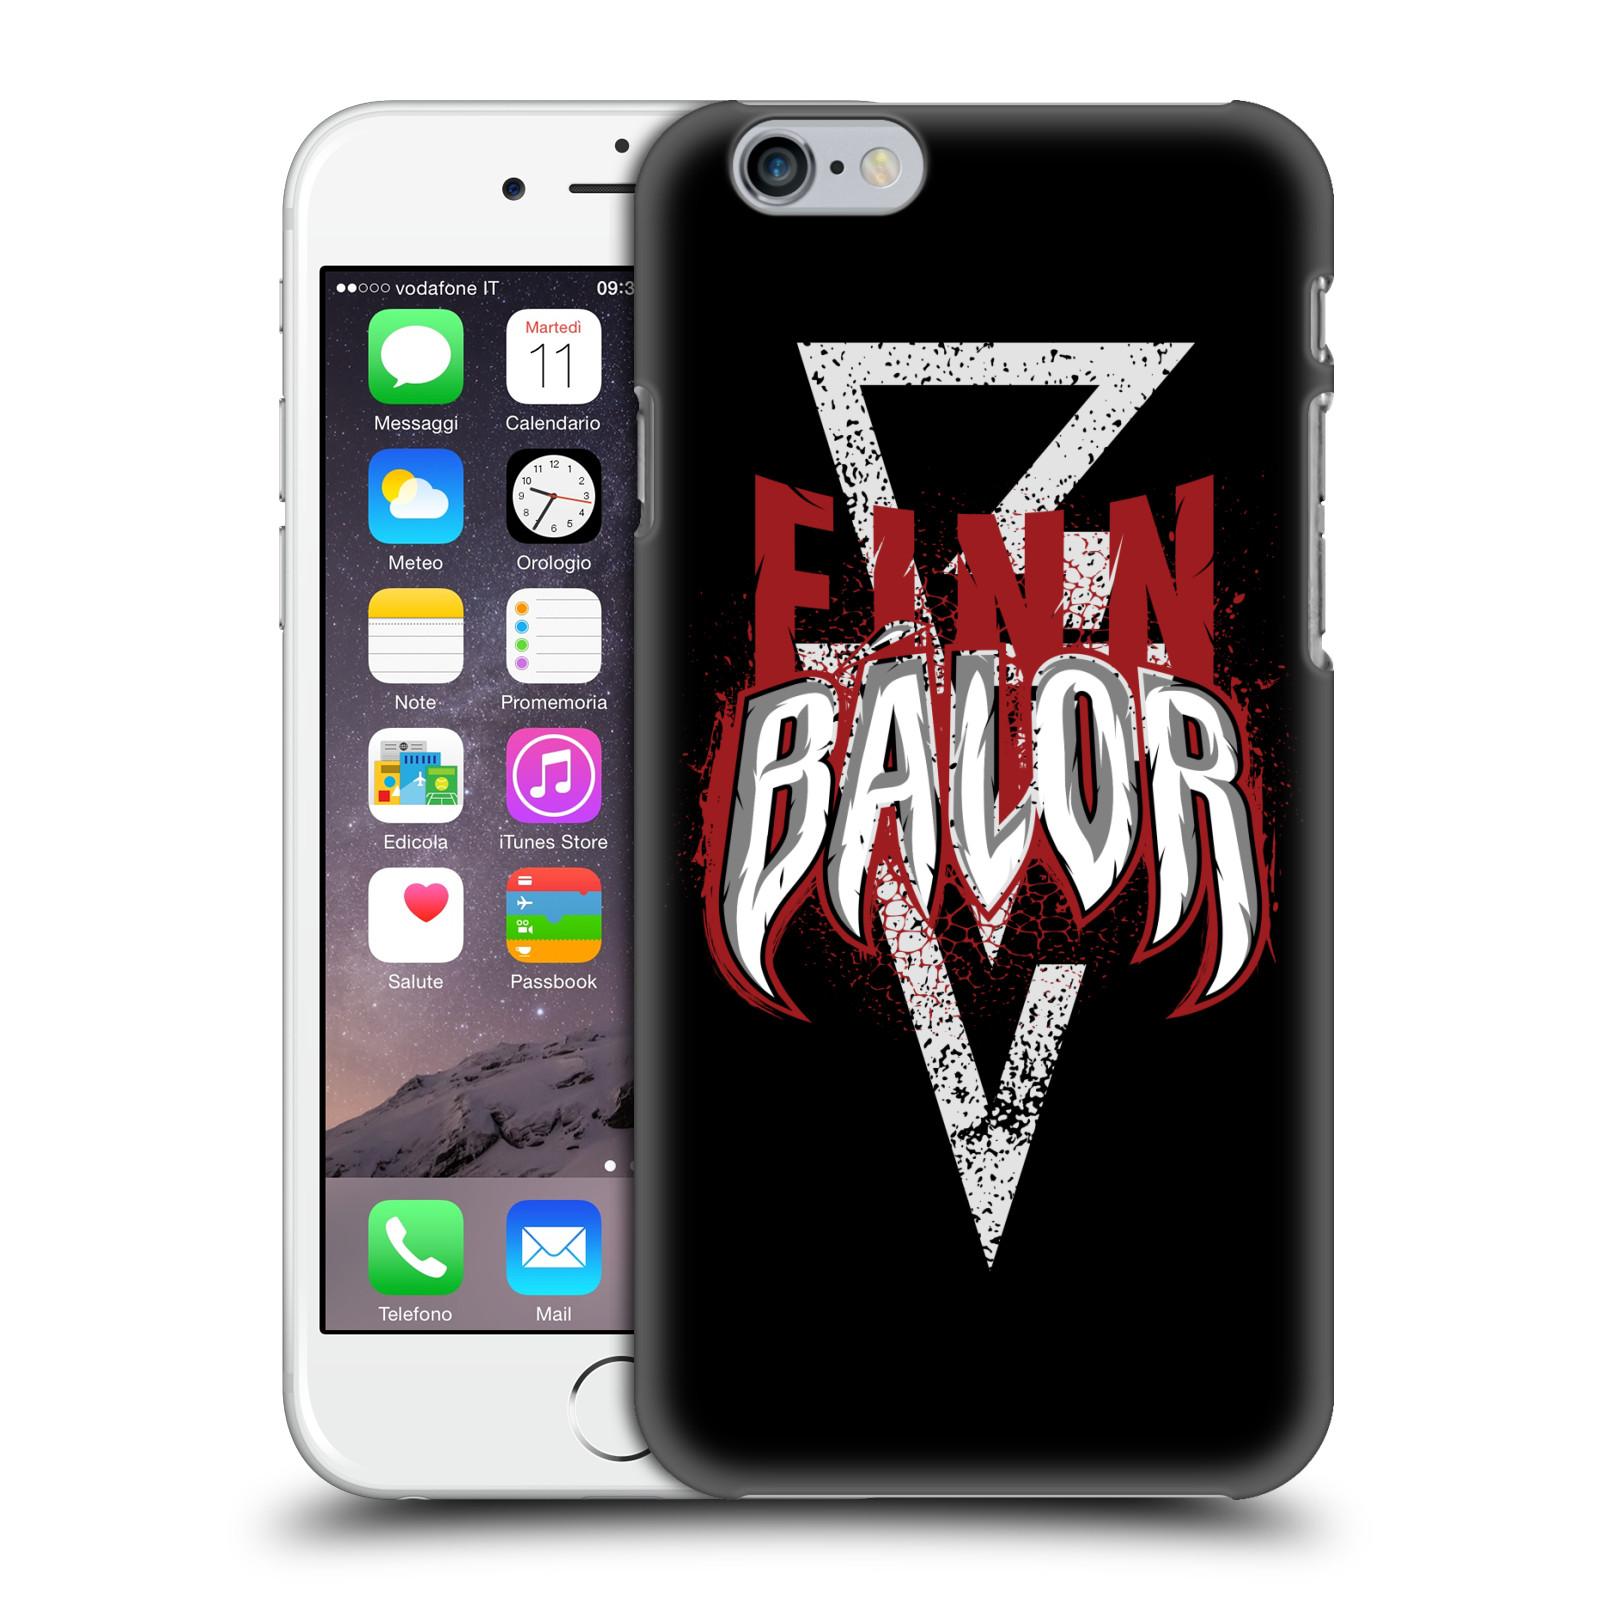 OFFICIEL-WWE-FINN-BALOR-ETUI-COQUE-D-039-ARRIERE-RIGIDE-POUR-APPLE-iPHONE-TELEPHONES